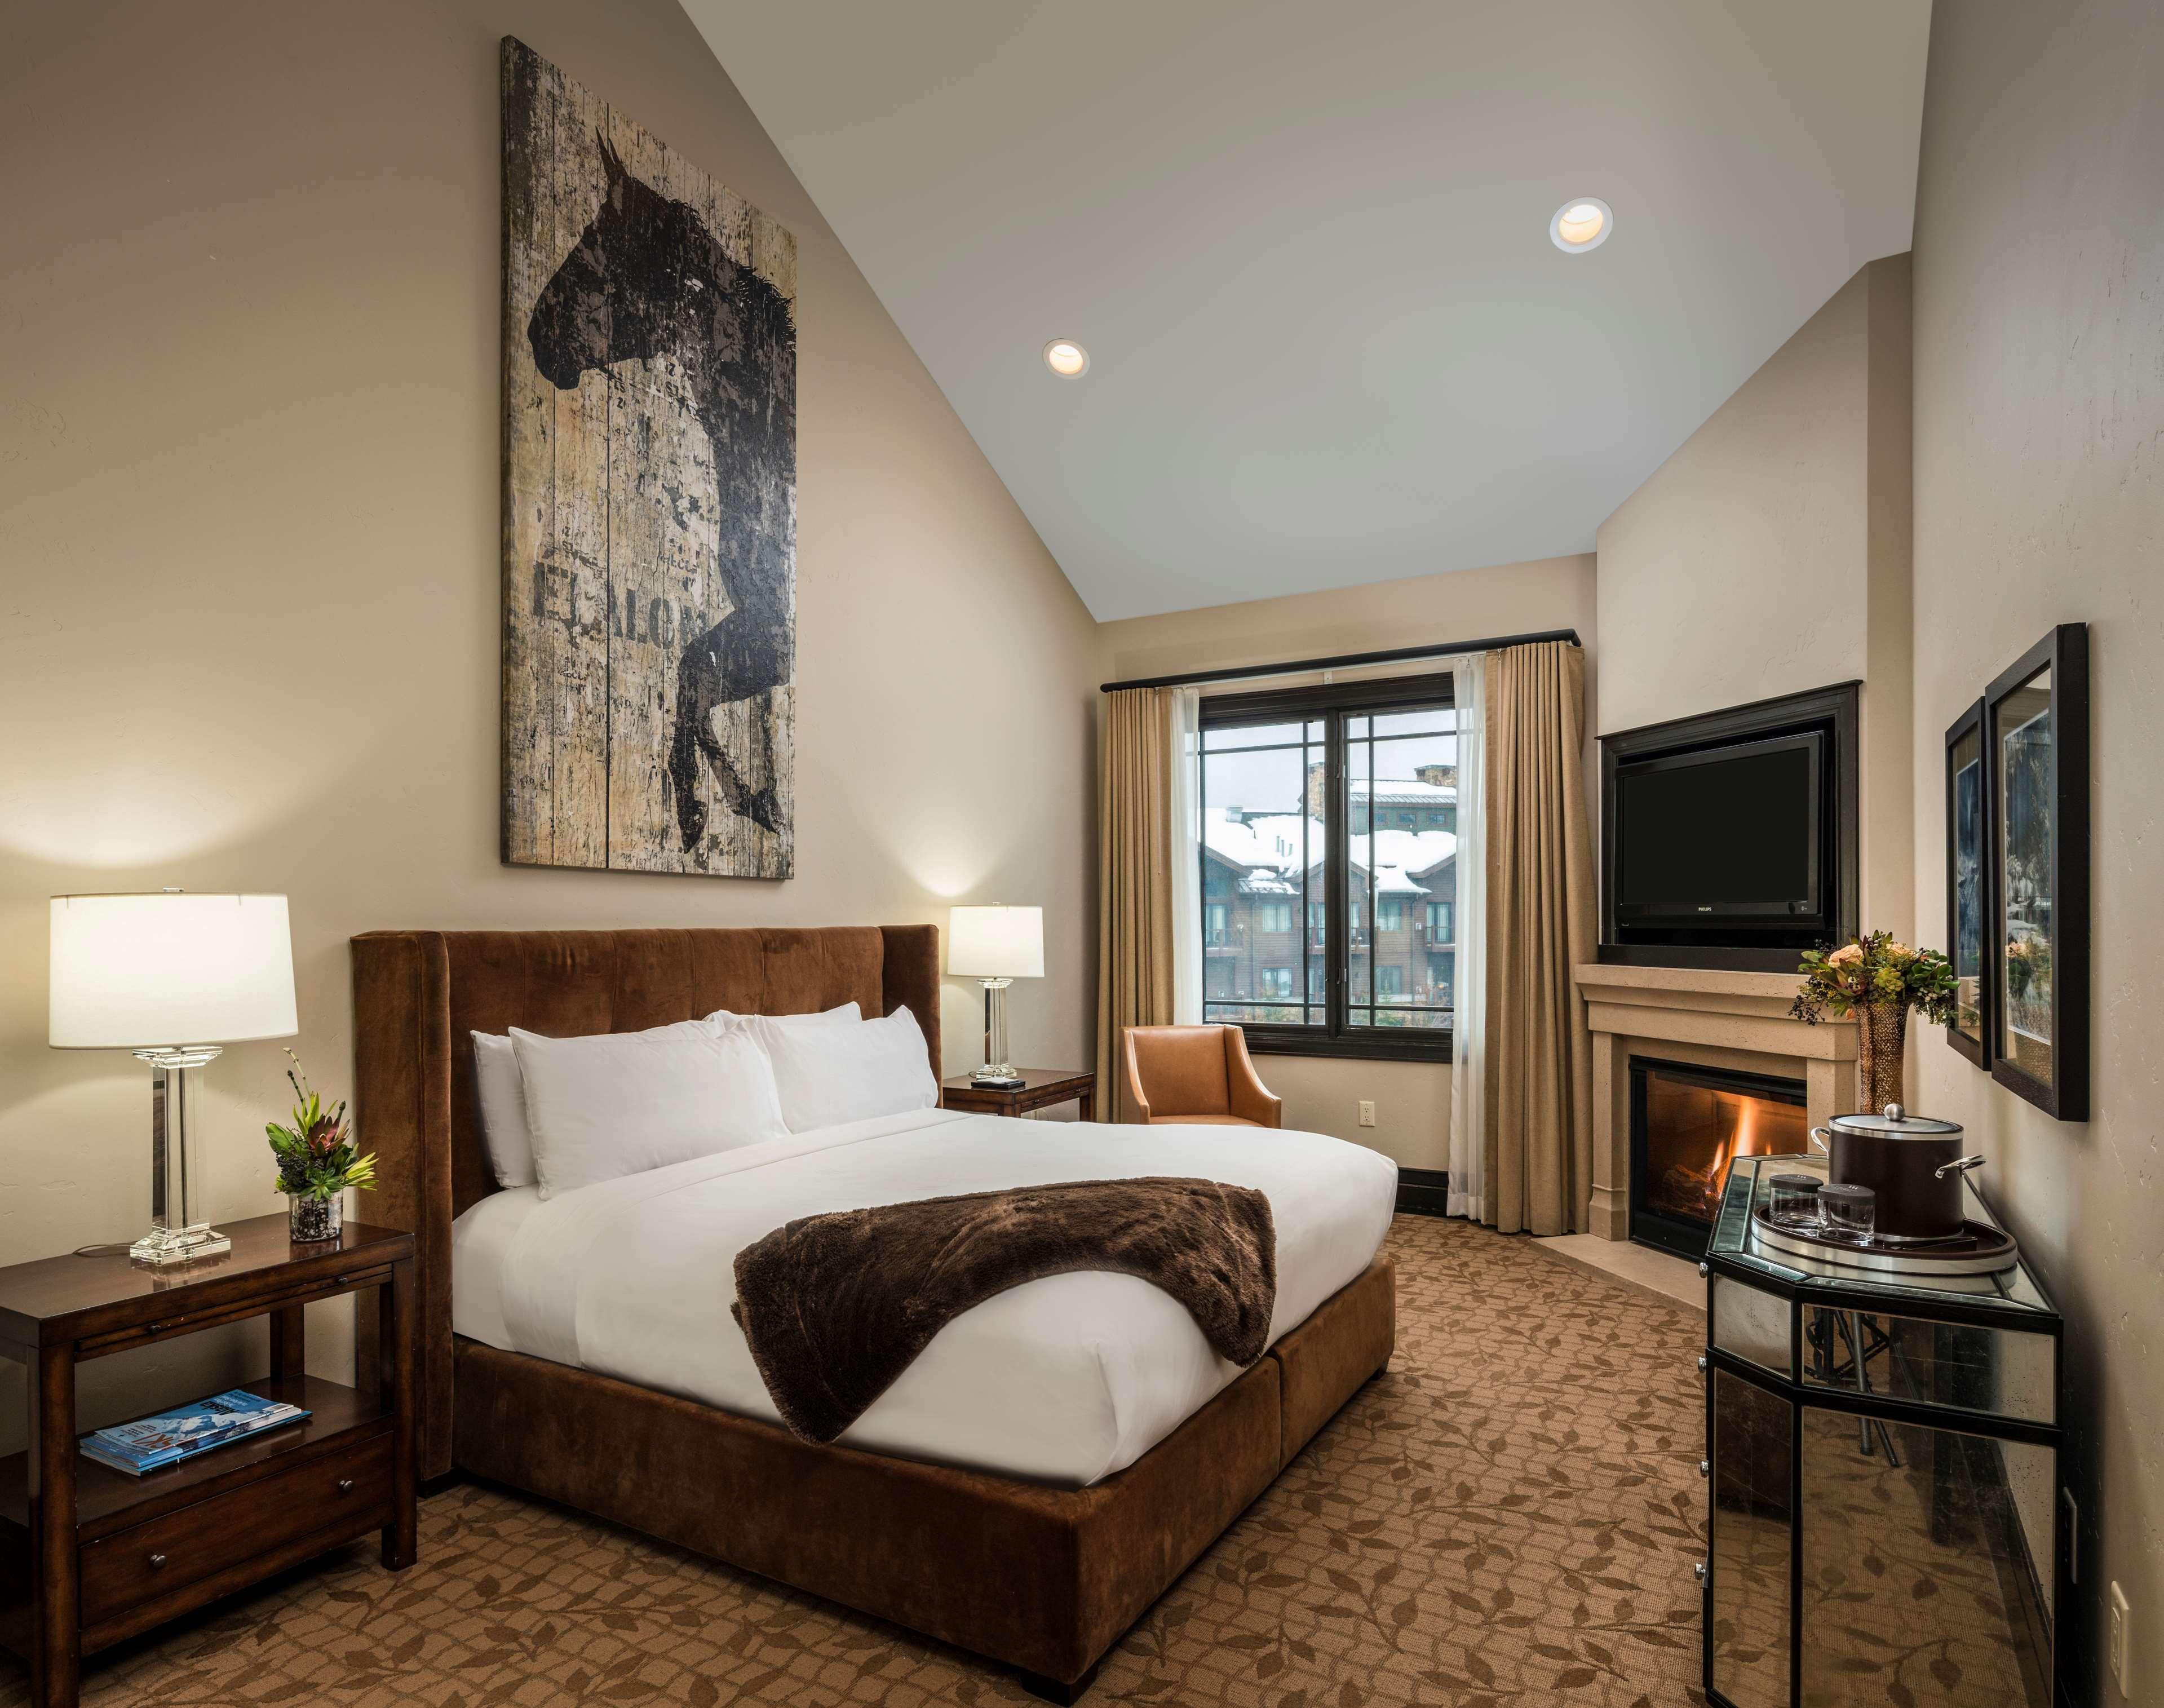 Waldorf Astoria Park City image 23